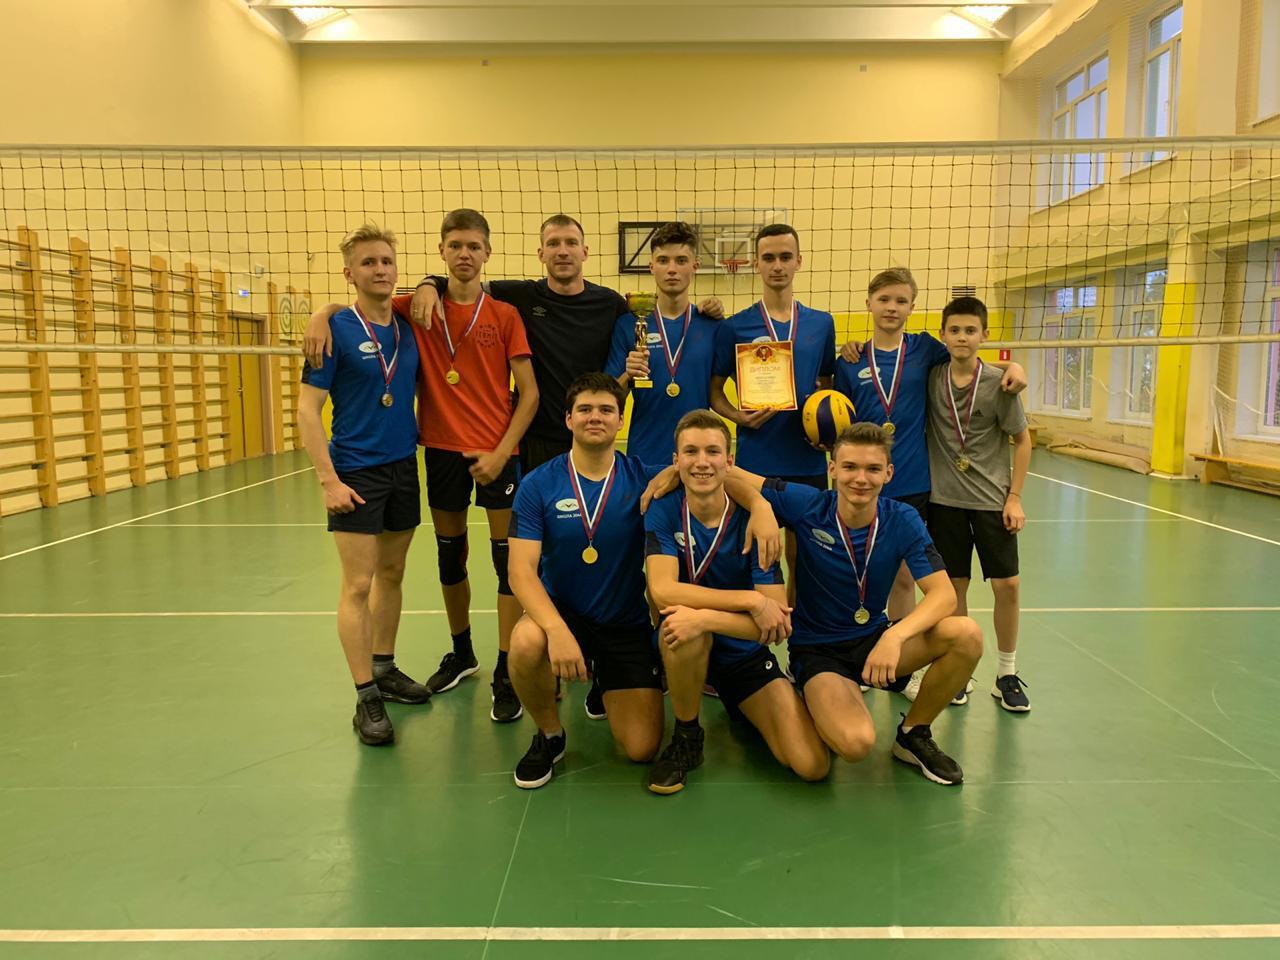 Учащиеся школы № 2048 стали победителями окружных соревнований по волейболу